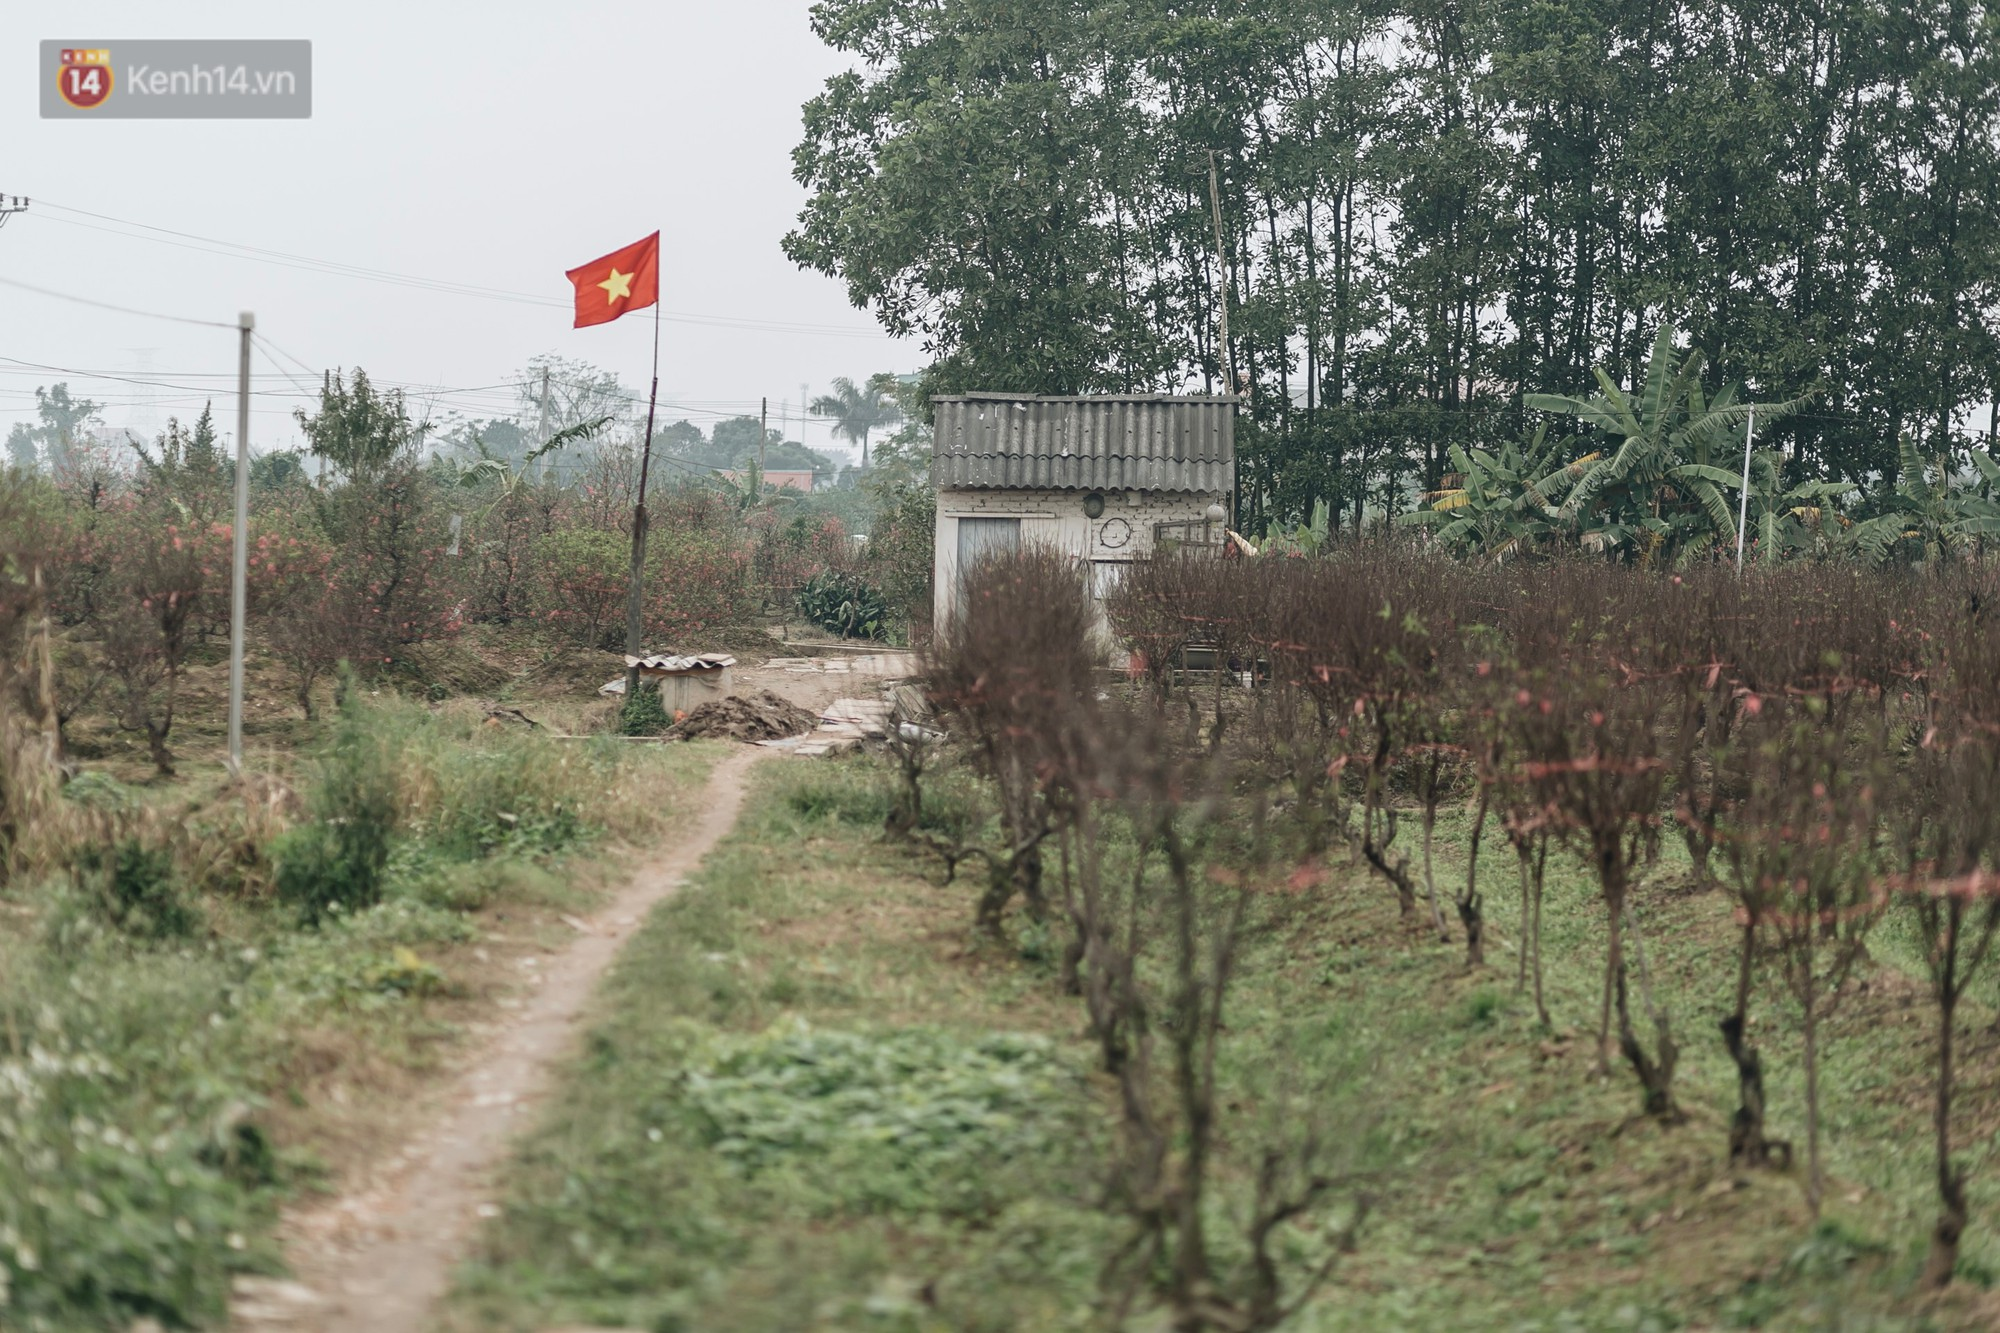 Gần 200 gốc đào của người dân Bắc Ninh bị chặt phá trong đêm: Tết năm nay còn chả có bánh chưng mà ăn-20